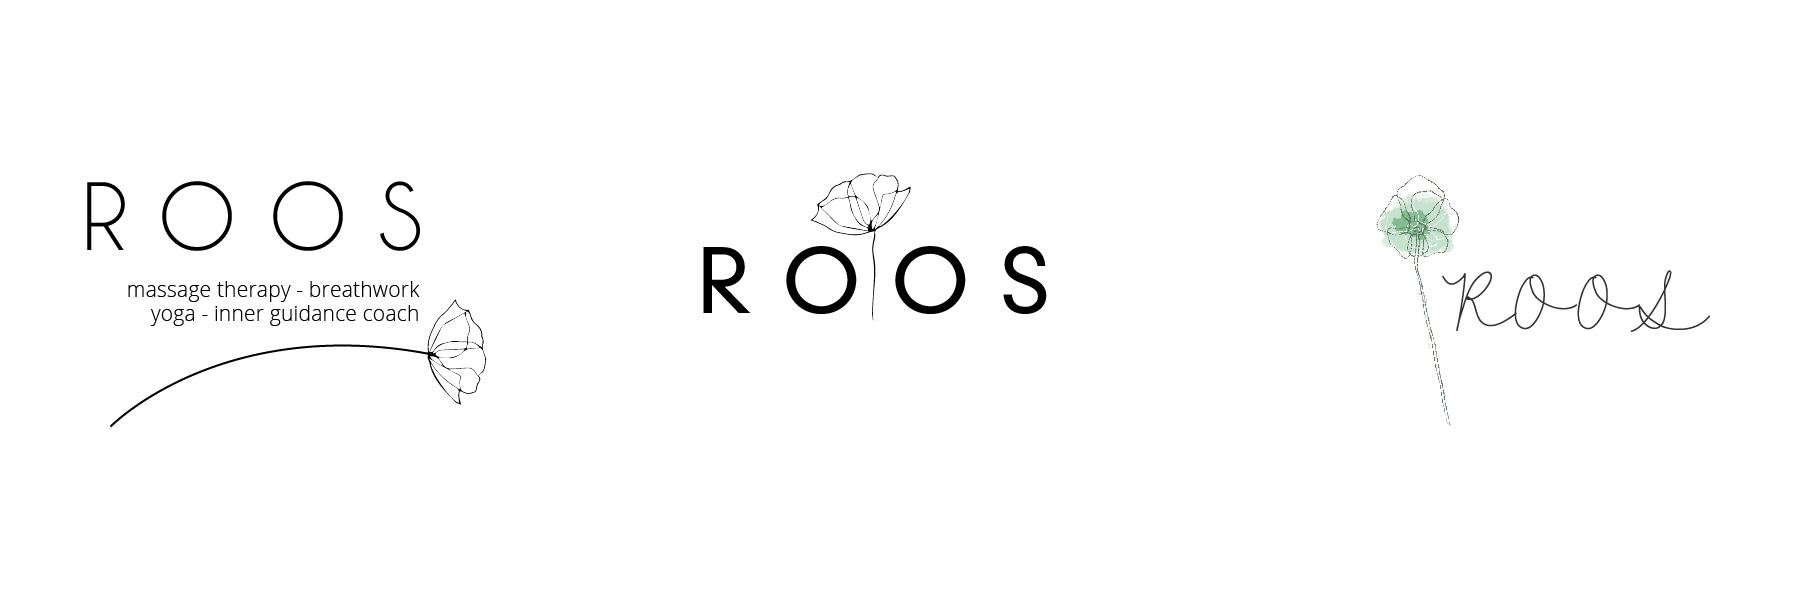 Roos_logo.jpg